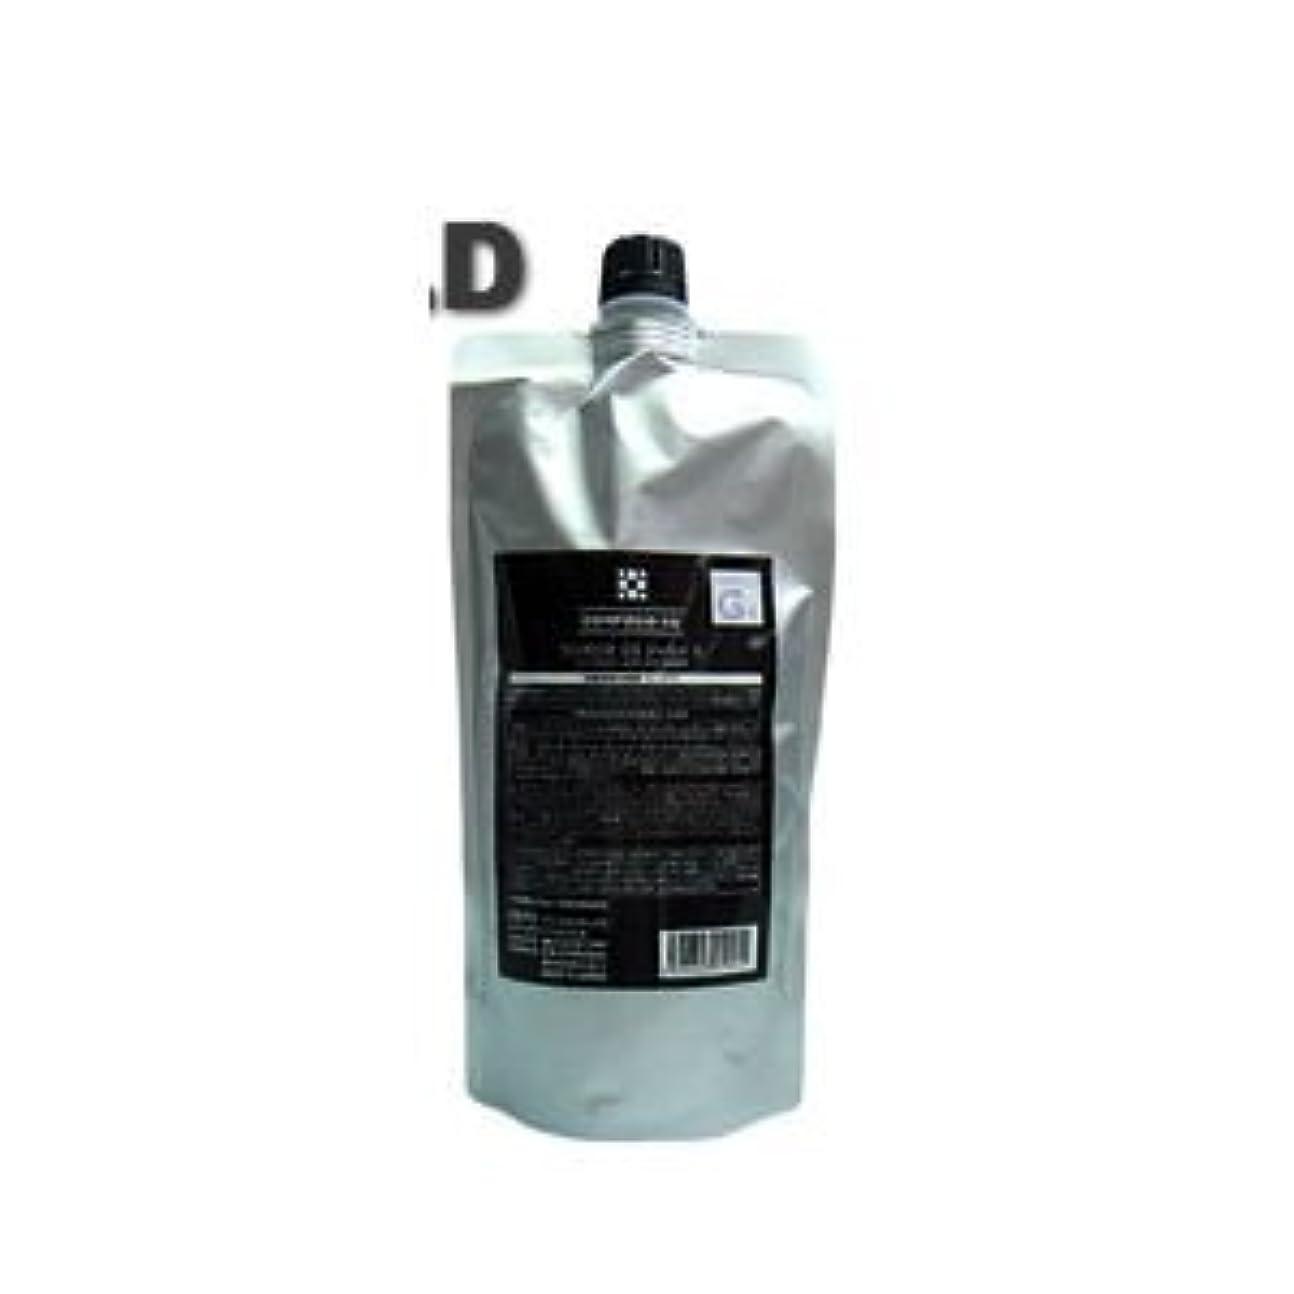 ガジュマル抵当可能デミ コンポジオ EQ シールド G 450g